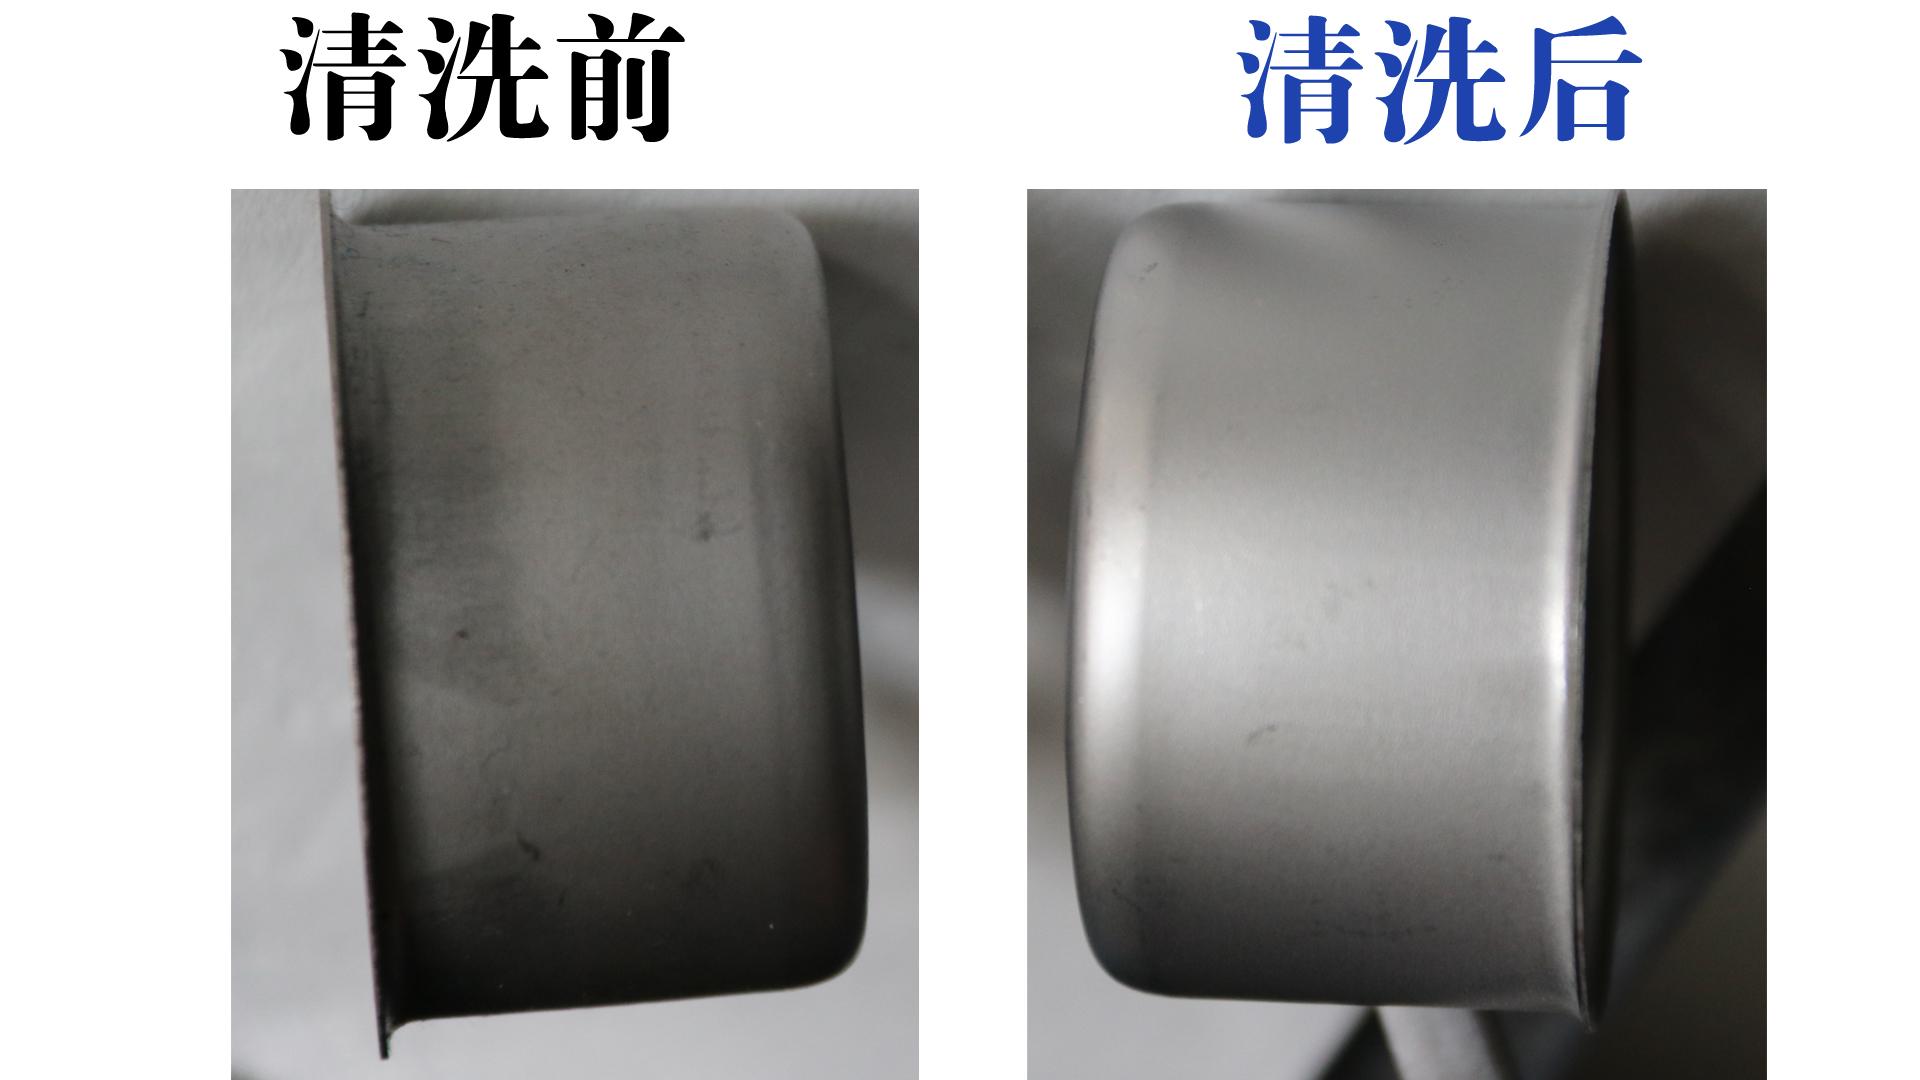 不锈钢壳除油清洗,压力表外壳油膜去除方法